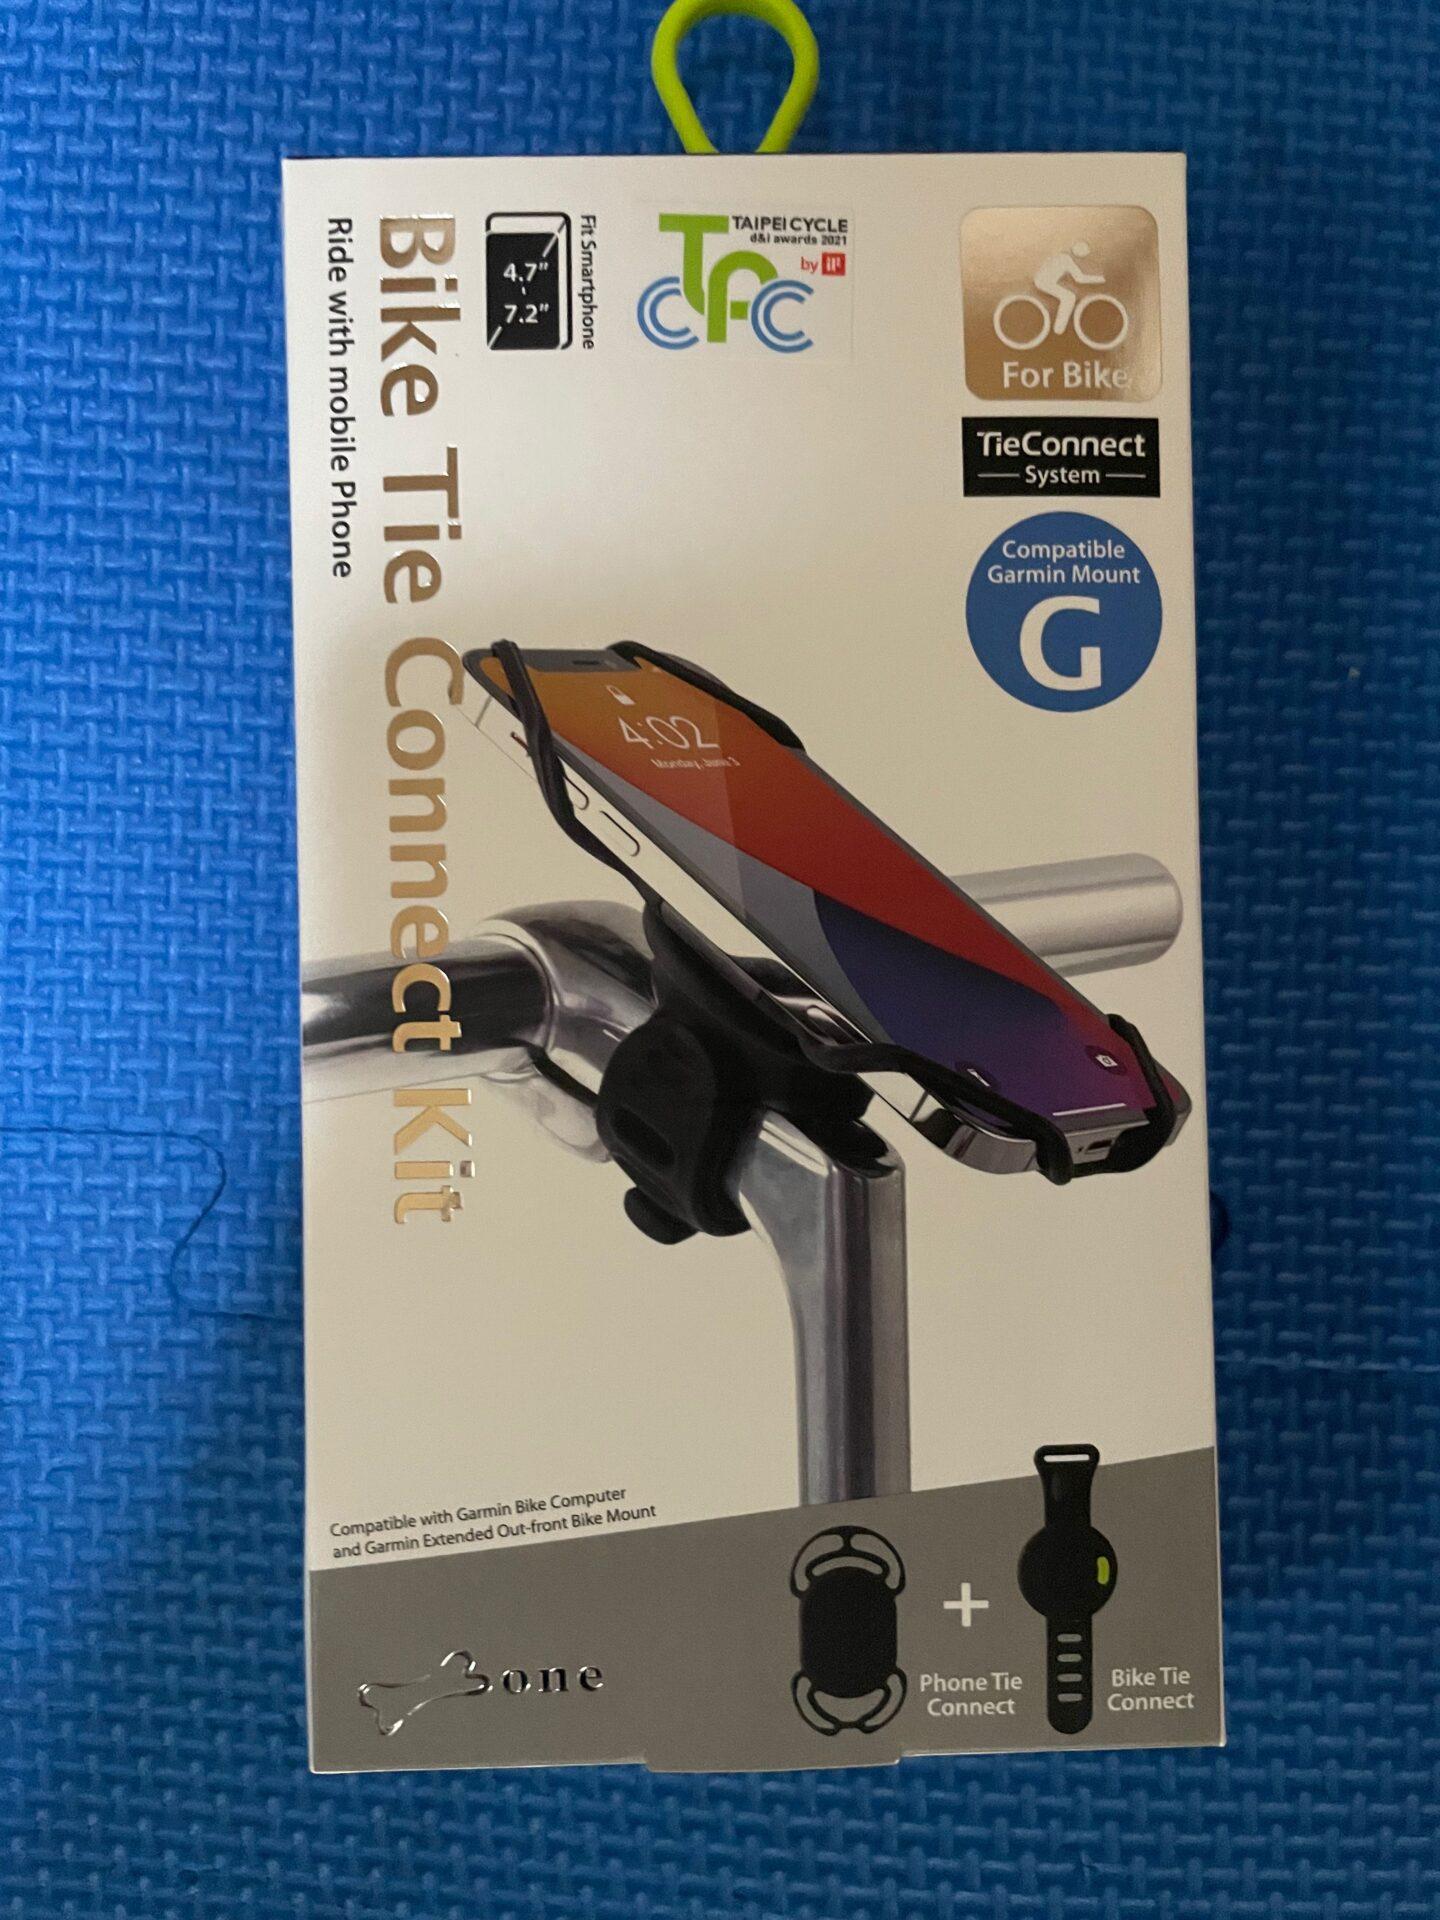 ロードバイク スマートフォンホルダー Tie Connect System (Bike Tie Connect) 箱